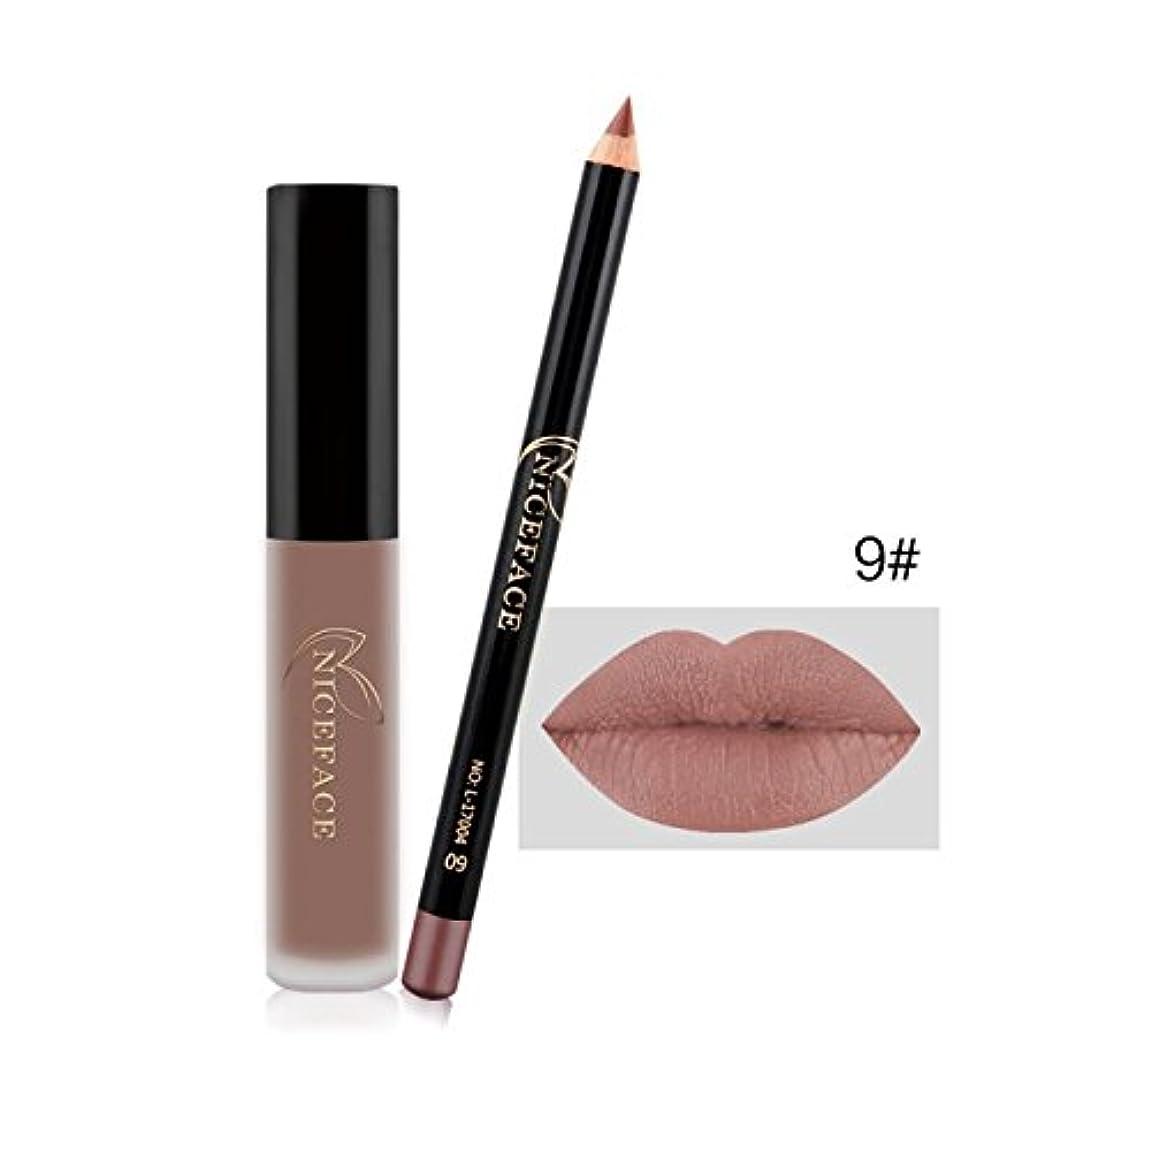 金曜日見る雑品(9#) Makeup Set Lip Gloss + Lip Liner Set Lip Set Matte Lipstick Long Lasting Waterproof Solid Lip Pencil Liner...